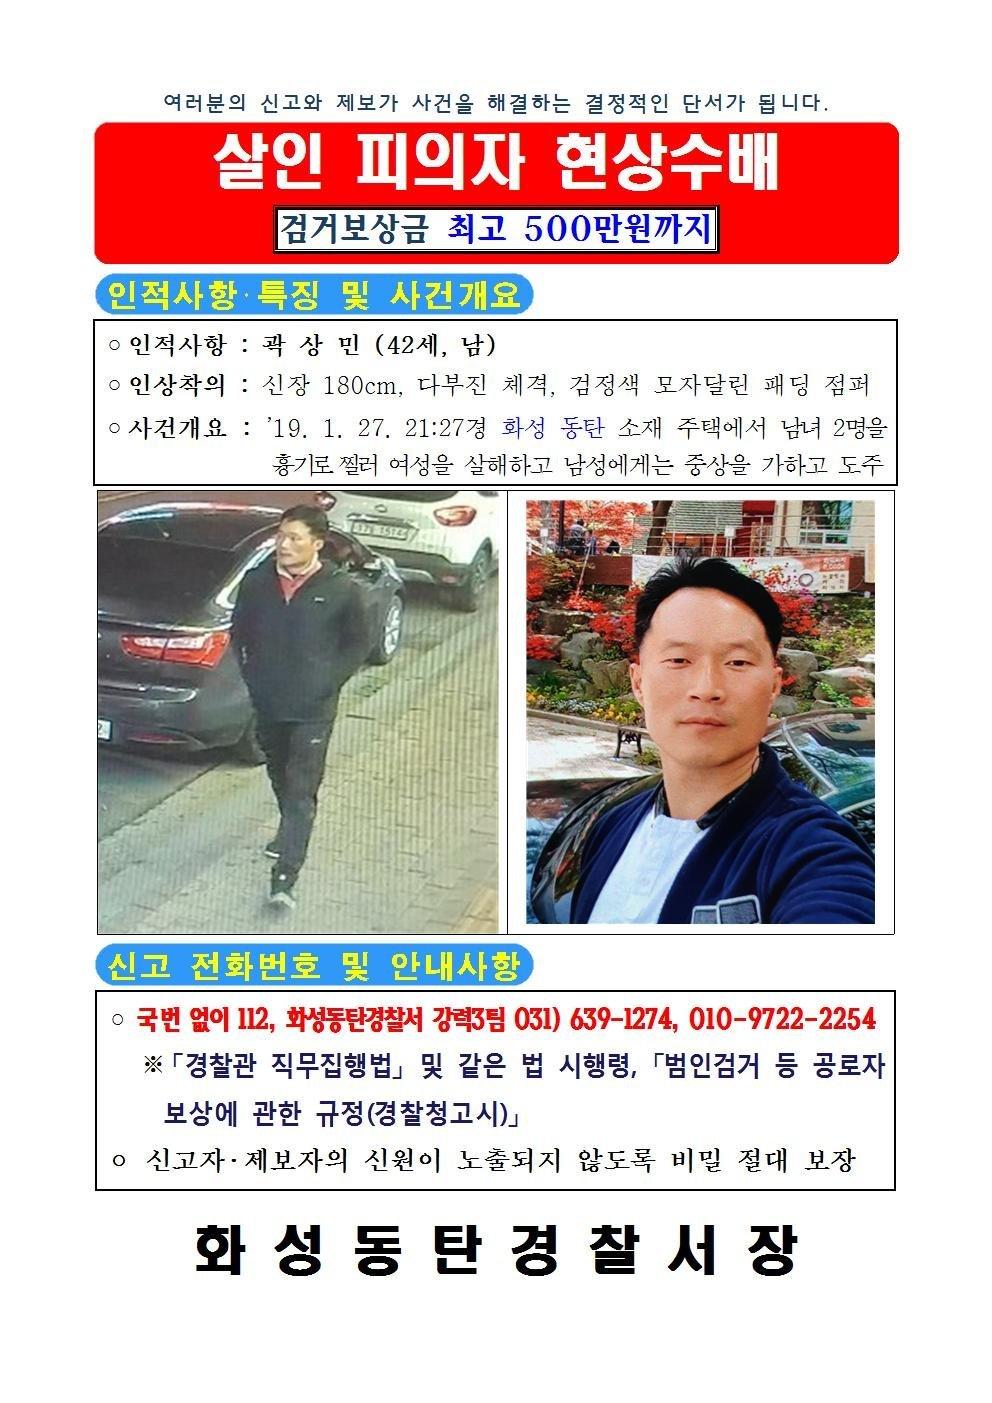 동탄 원룸 살인범 곽상민이 검거 도중